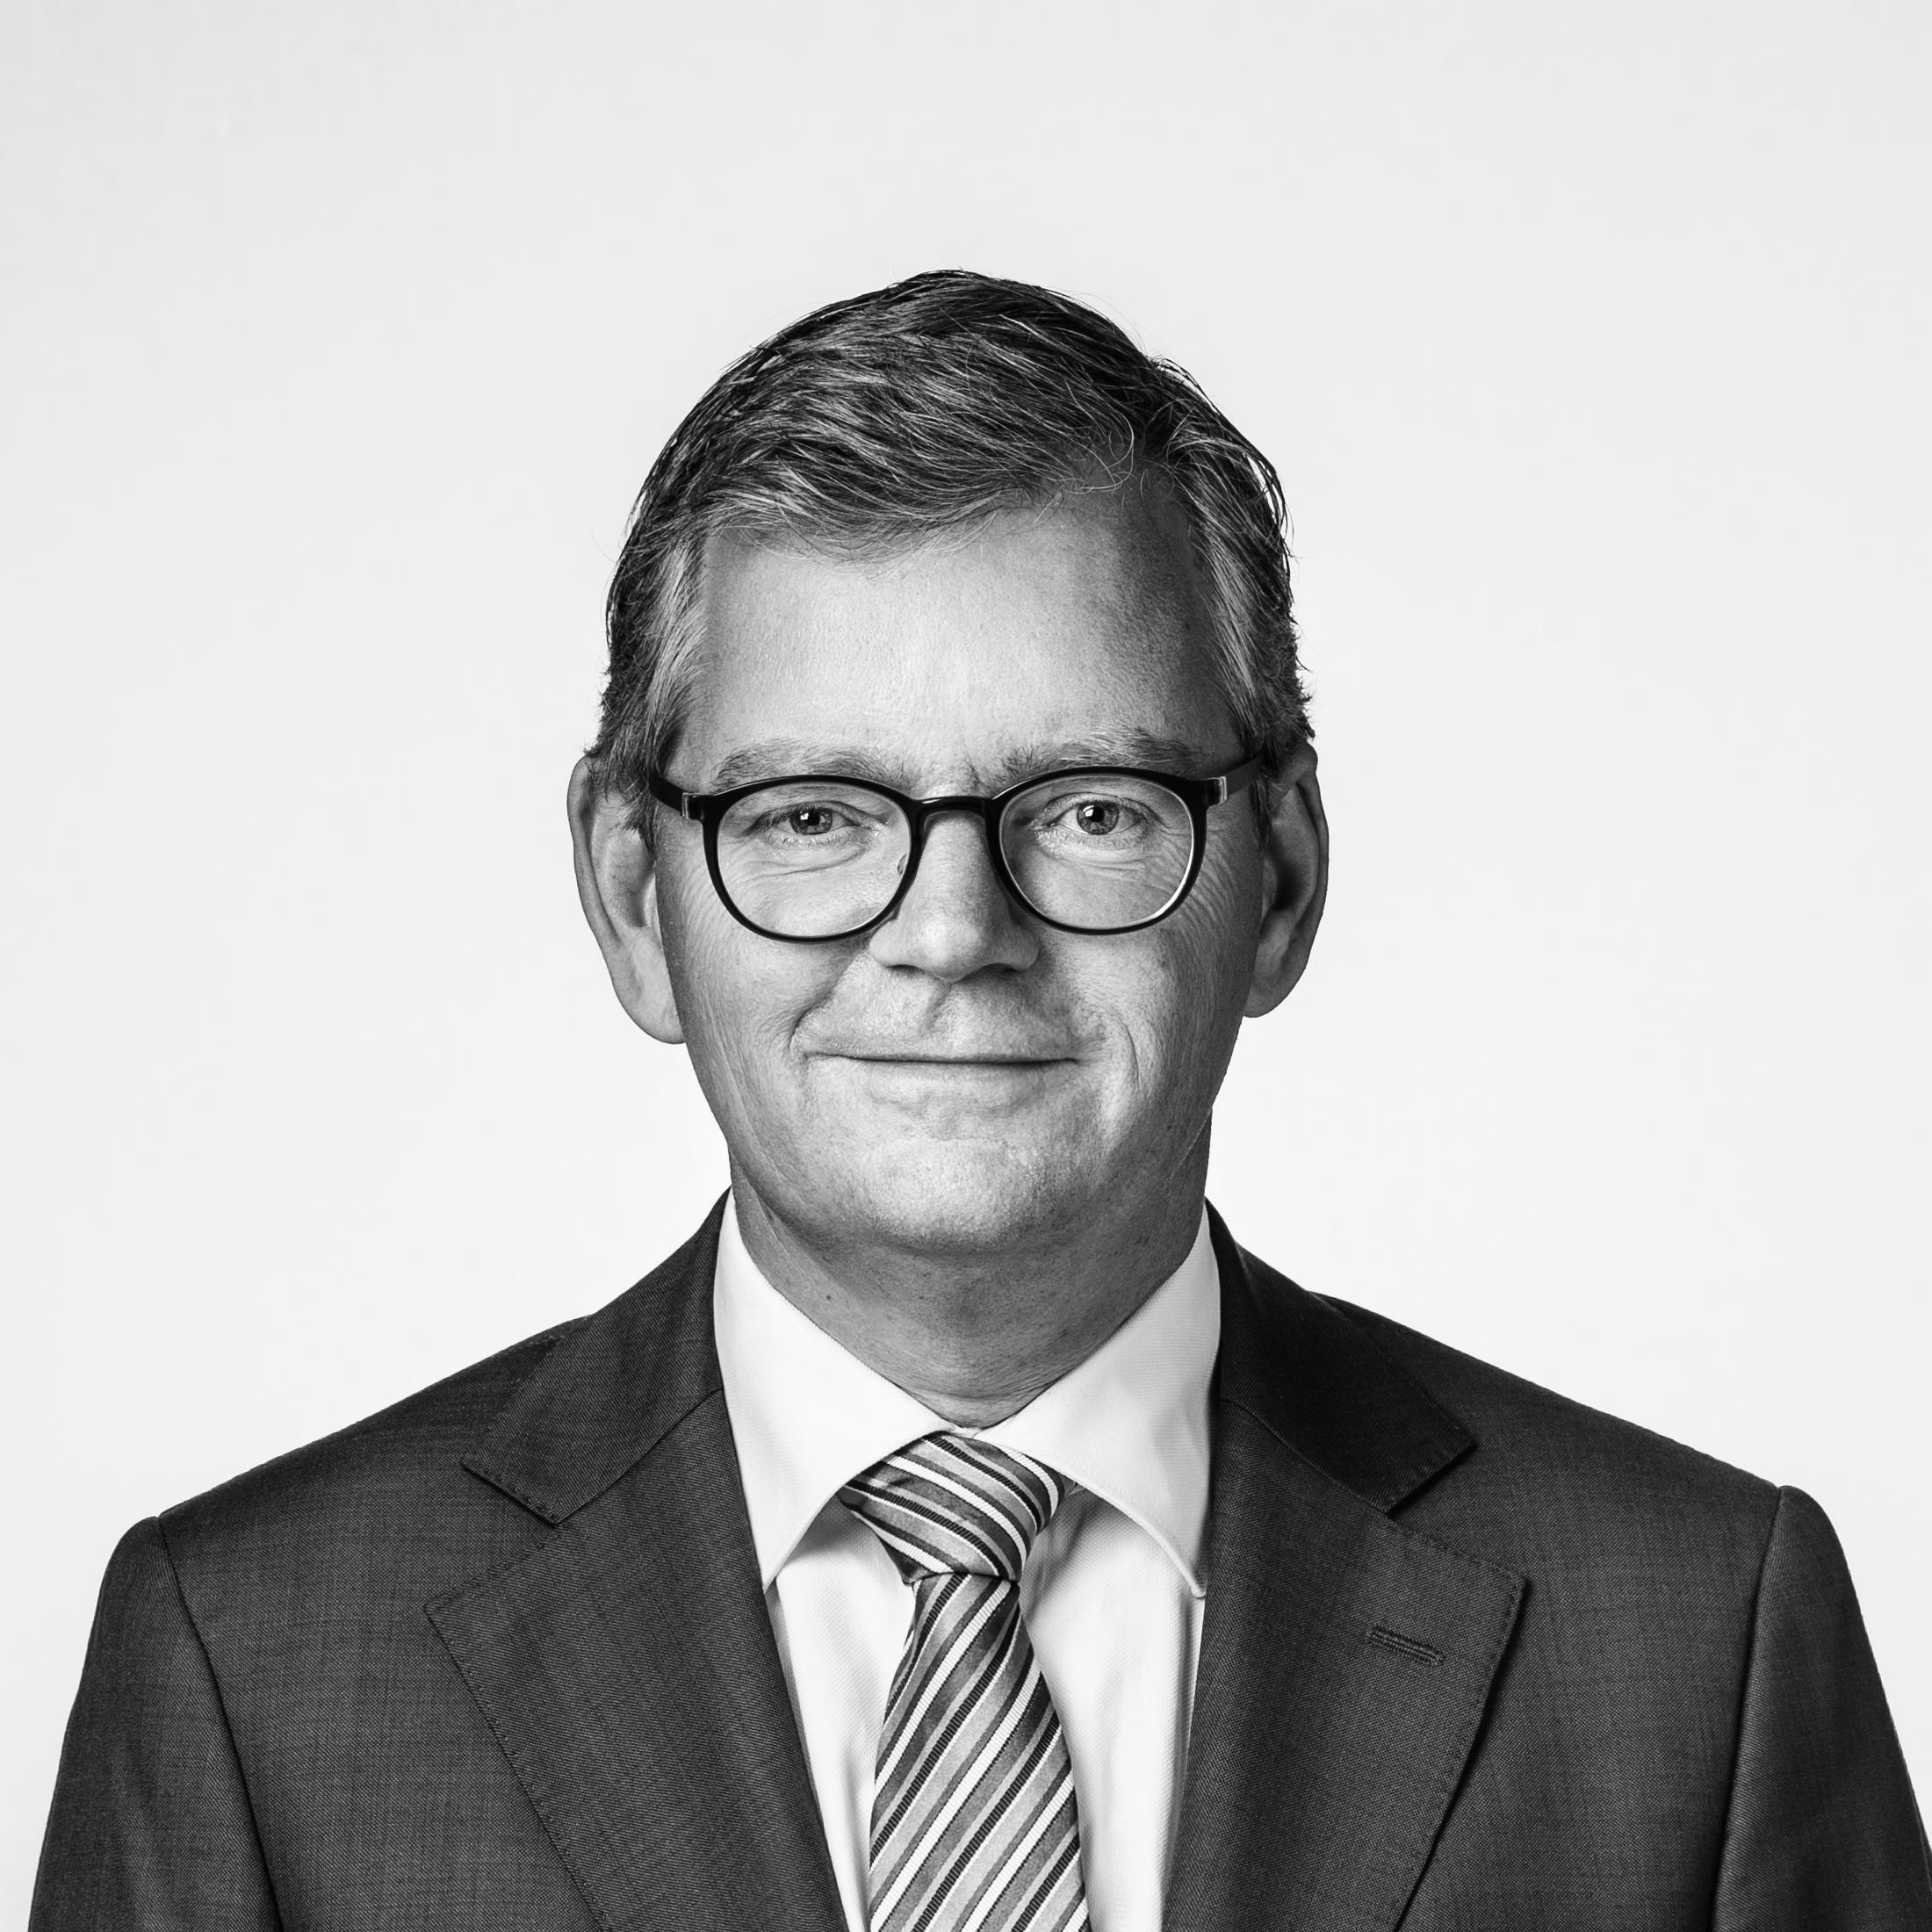 Persbericht: Rob van Boeijen benoemd als fondsmanager Triodos Impact Mixed Funds